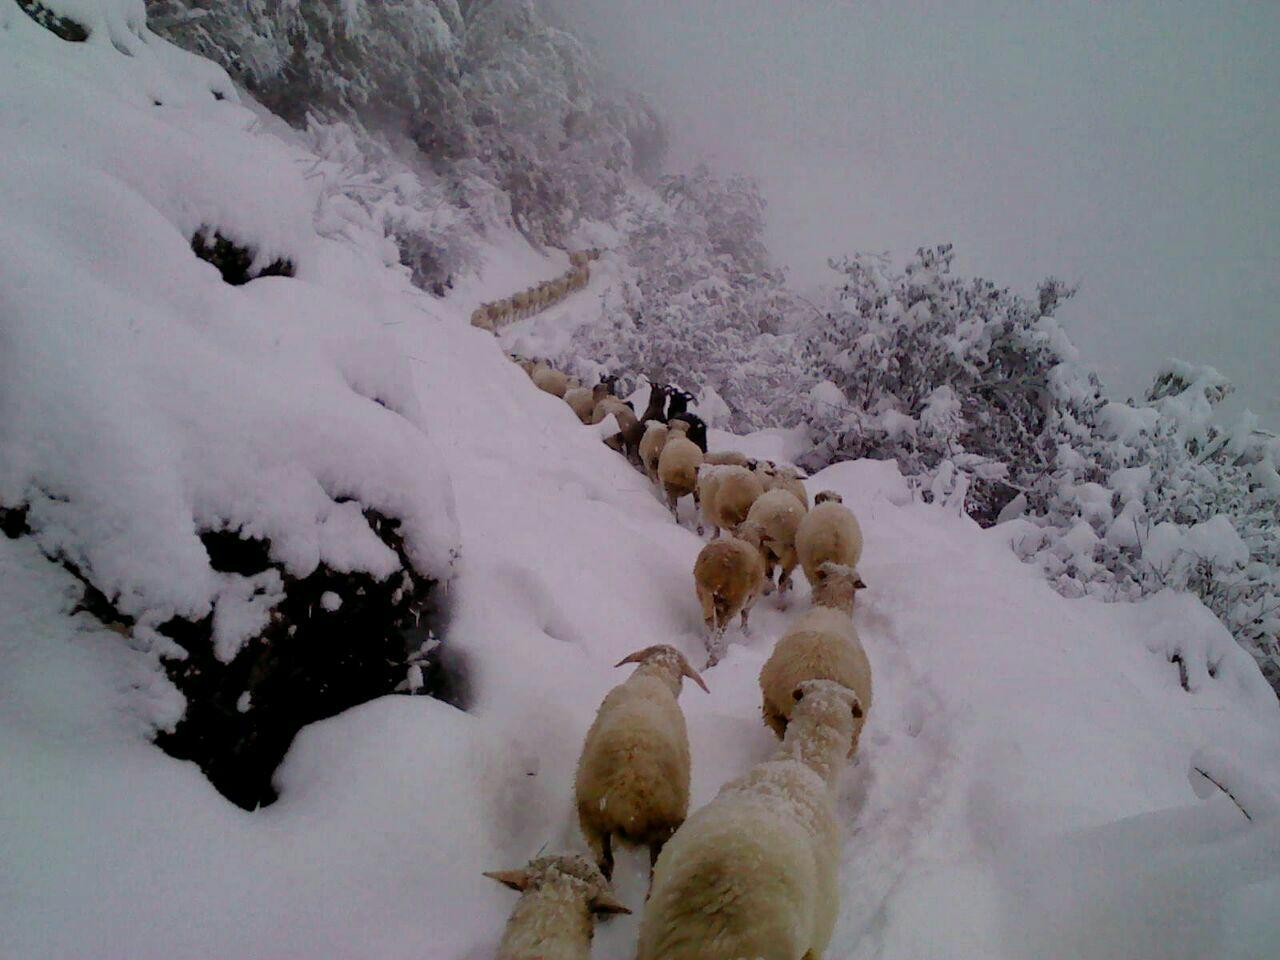 گوسفندان گرفتار شده در برف